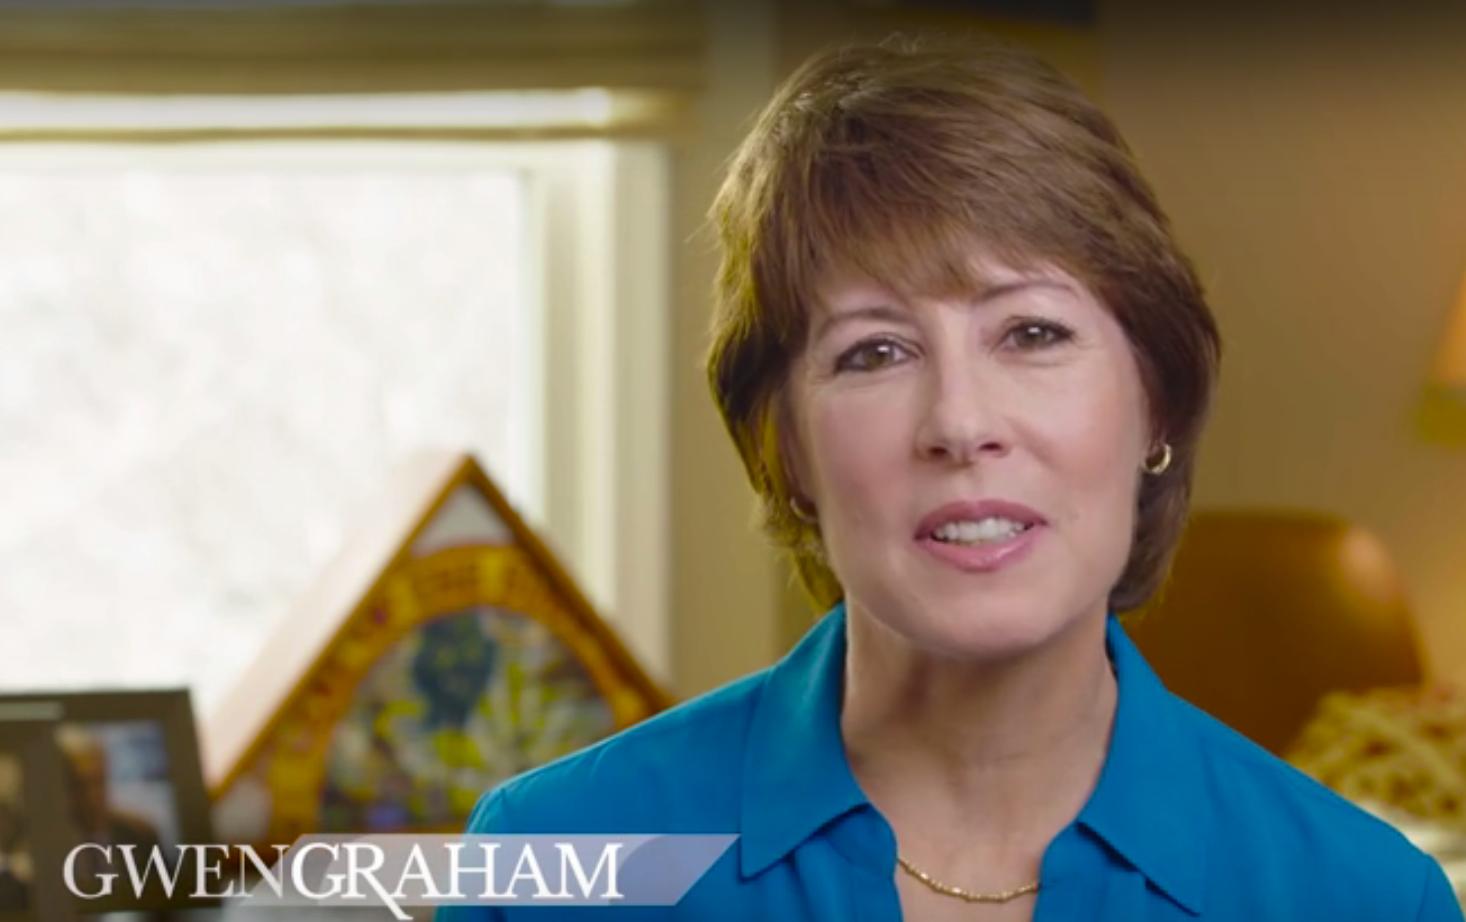 Gwen Graham Says She's Considering Gubernatorial Run In 2018